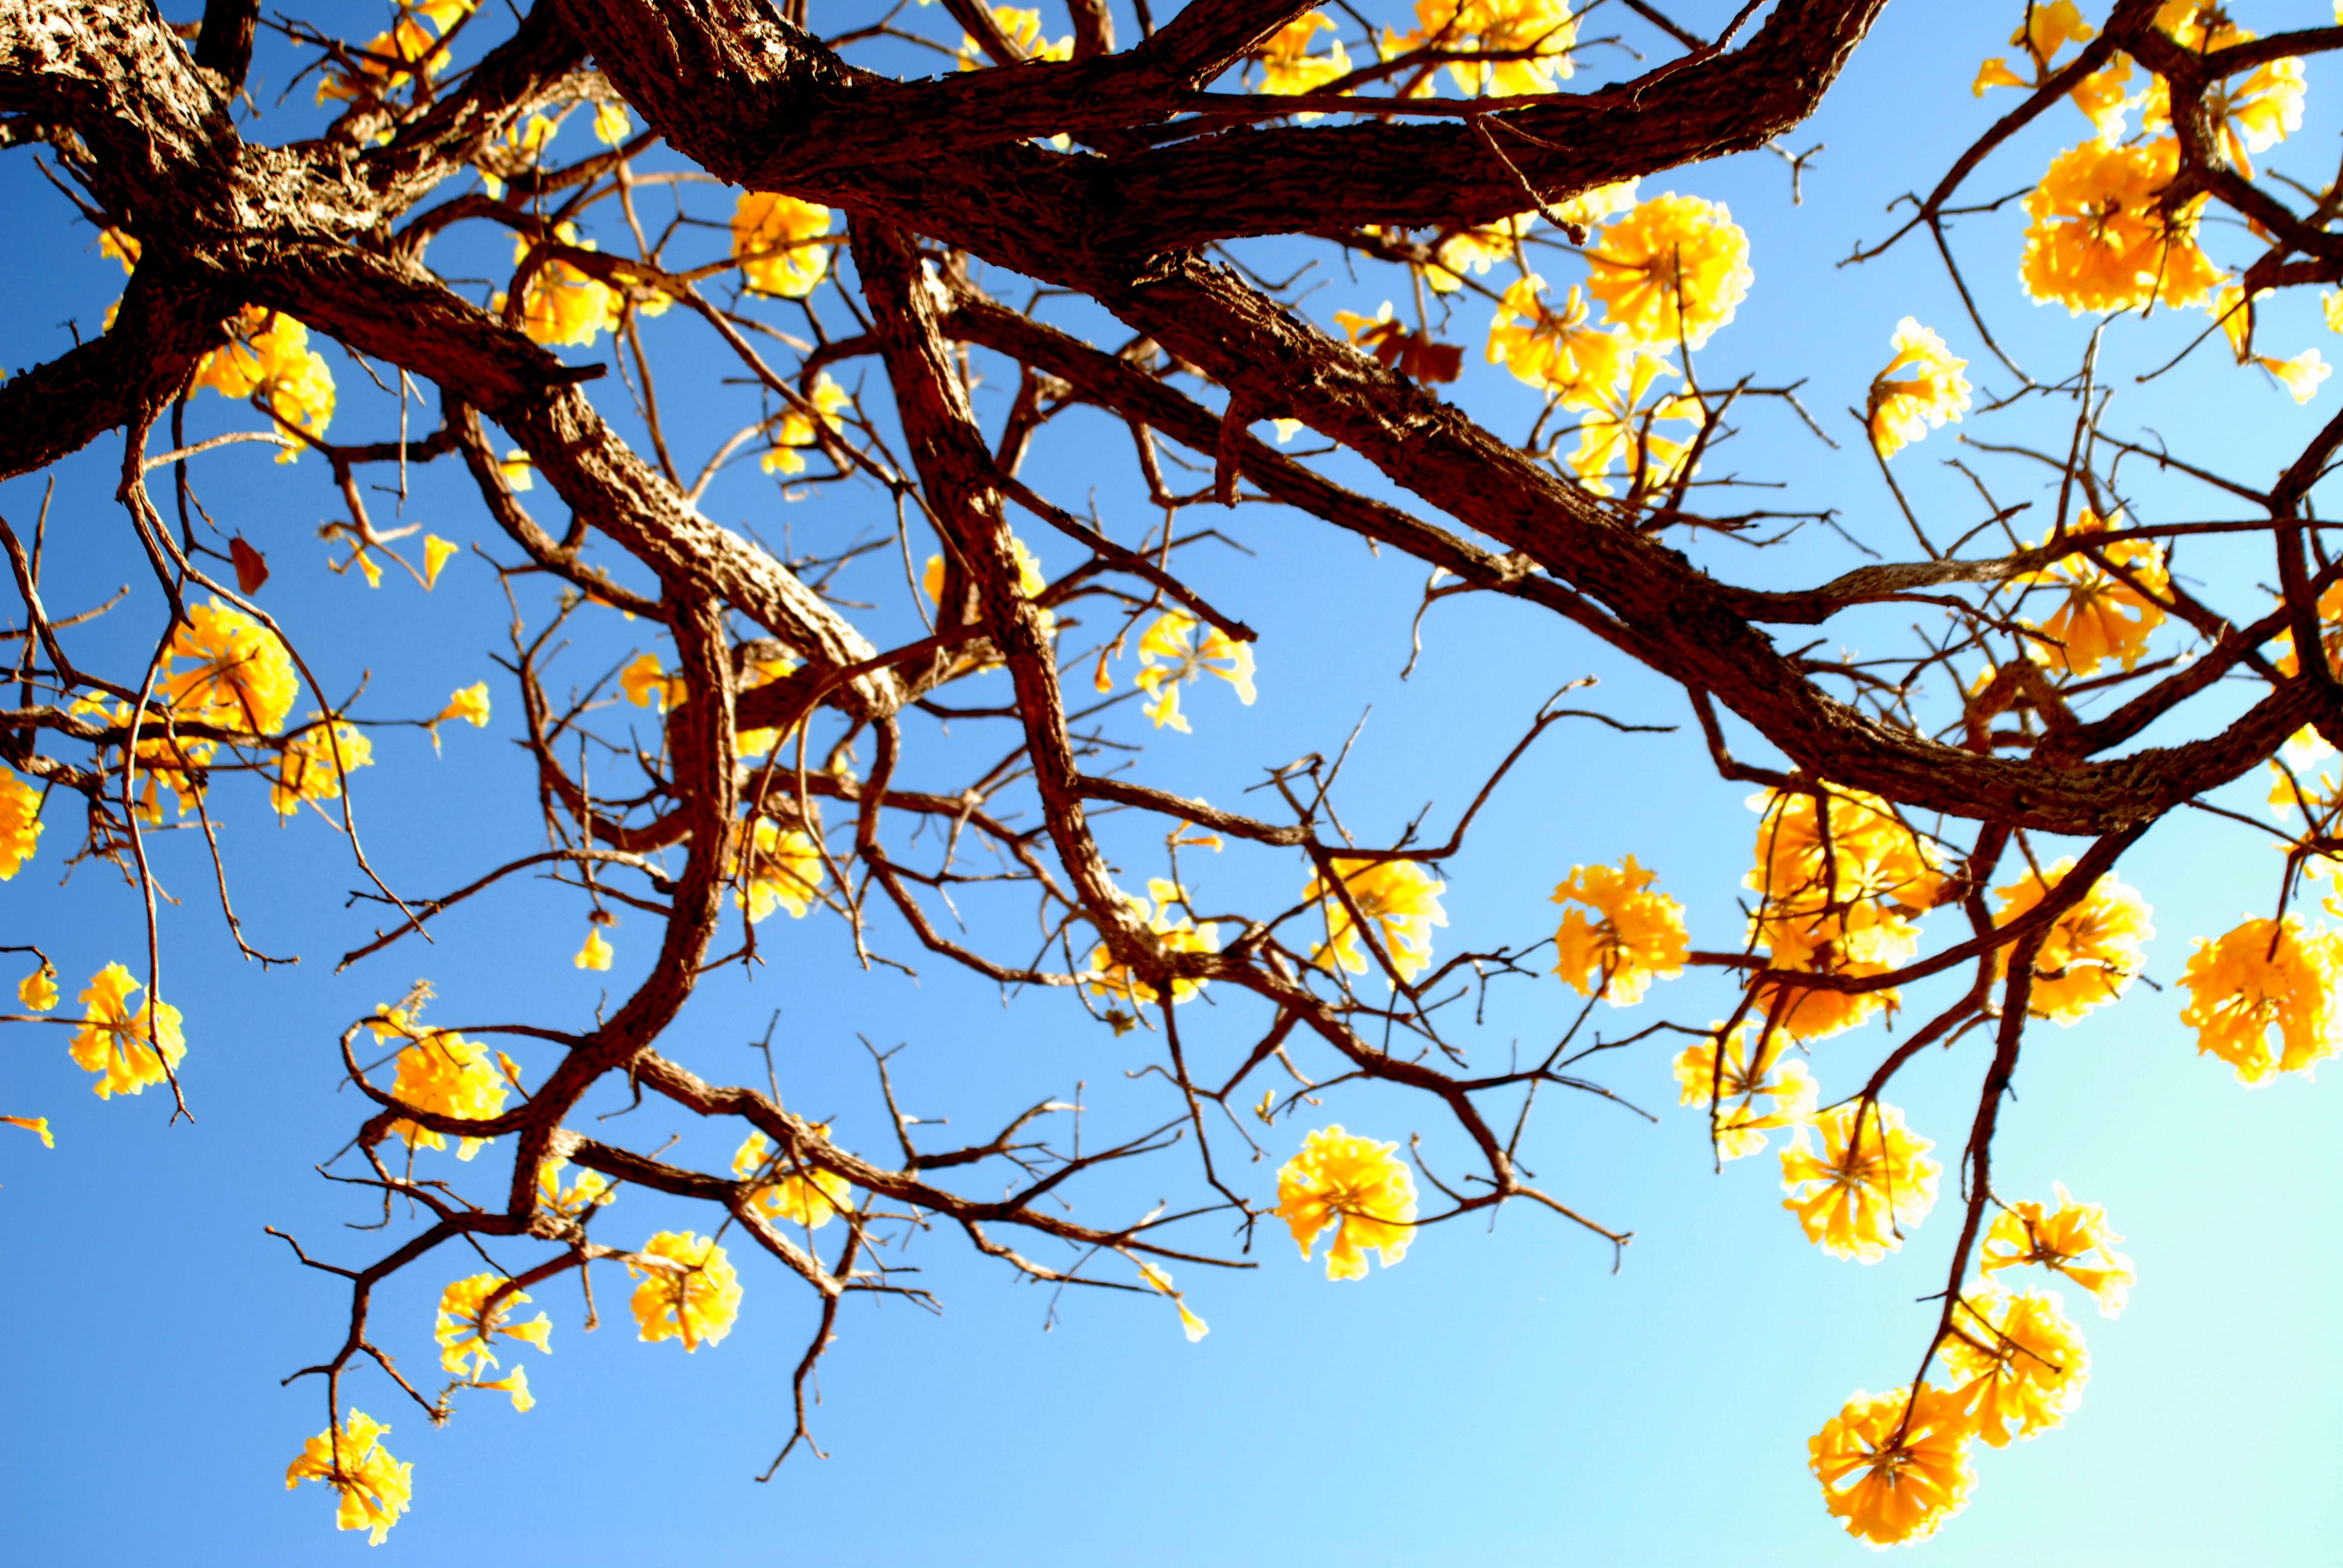 Imagem: Ipe amarelo